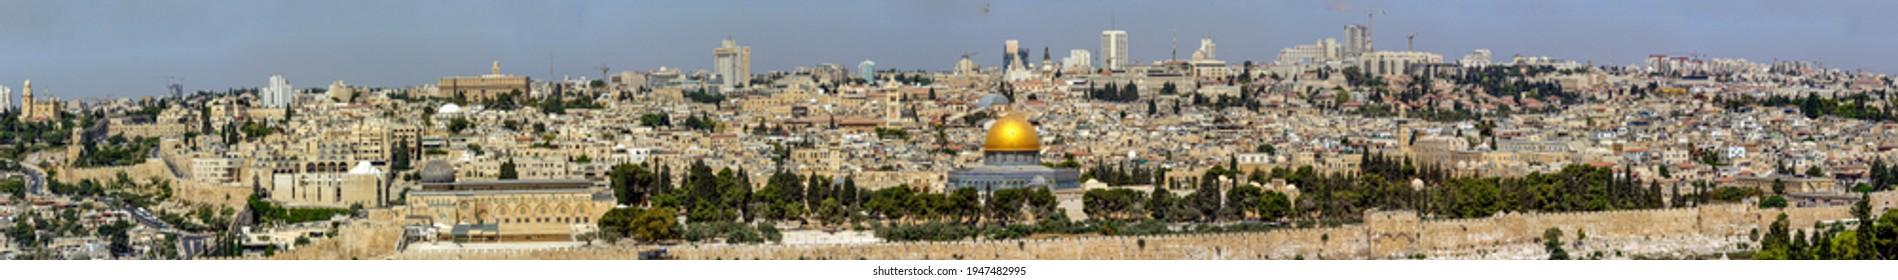 Views of the City of Jerusalem